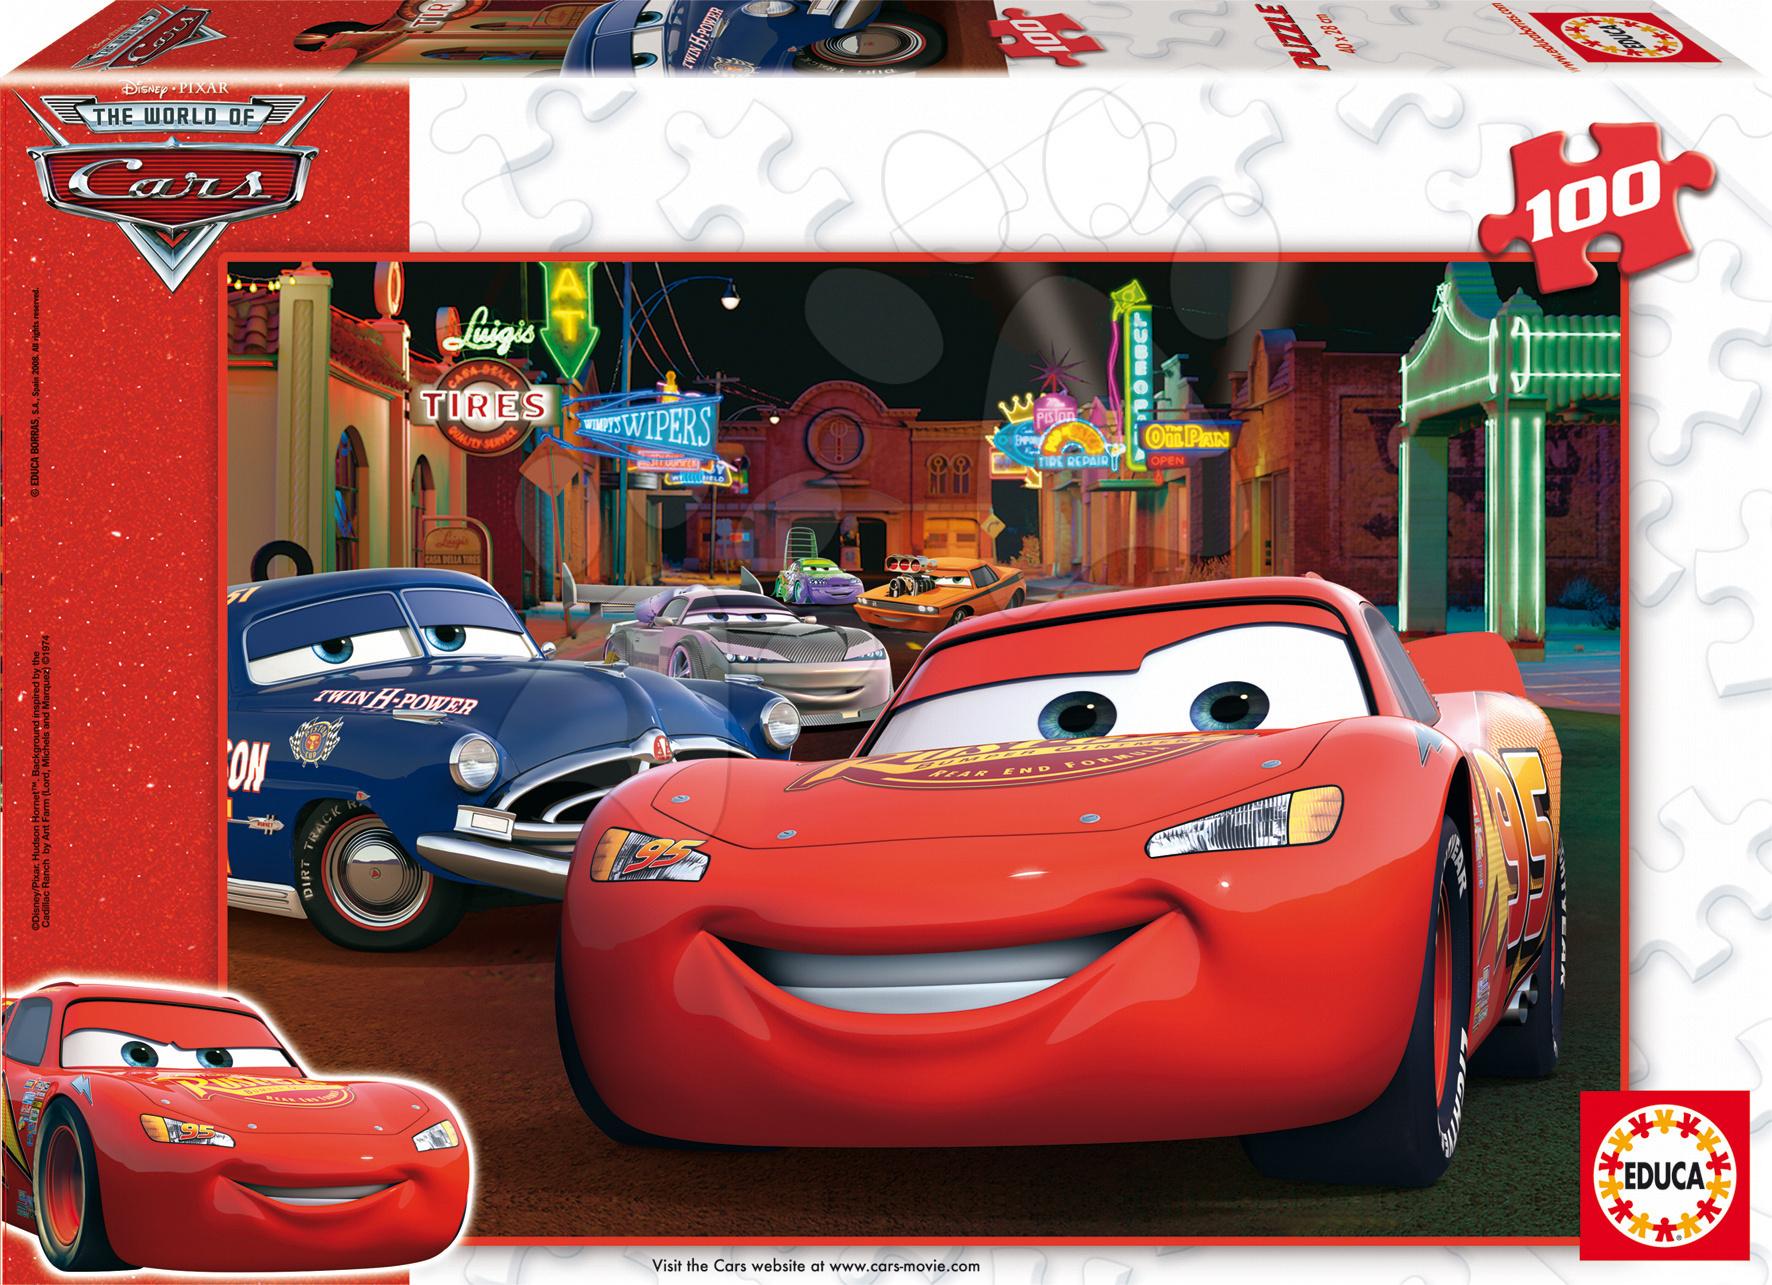 Gyerek puzzle 100-300 darabos - Puzzle Walt Disney Verdák Educa 100 db 5 évtől